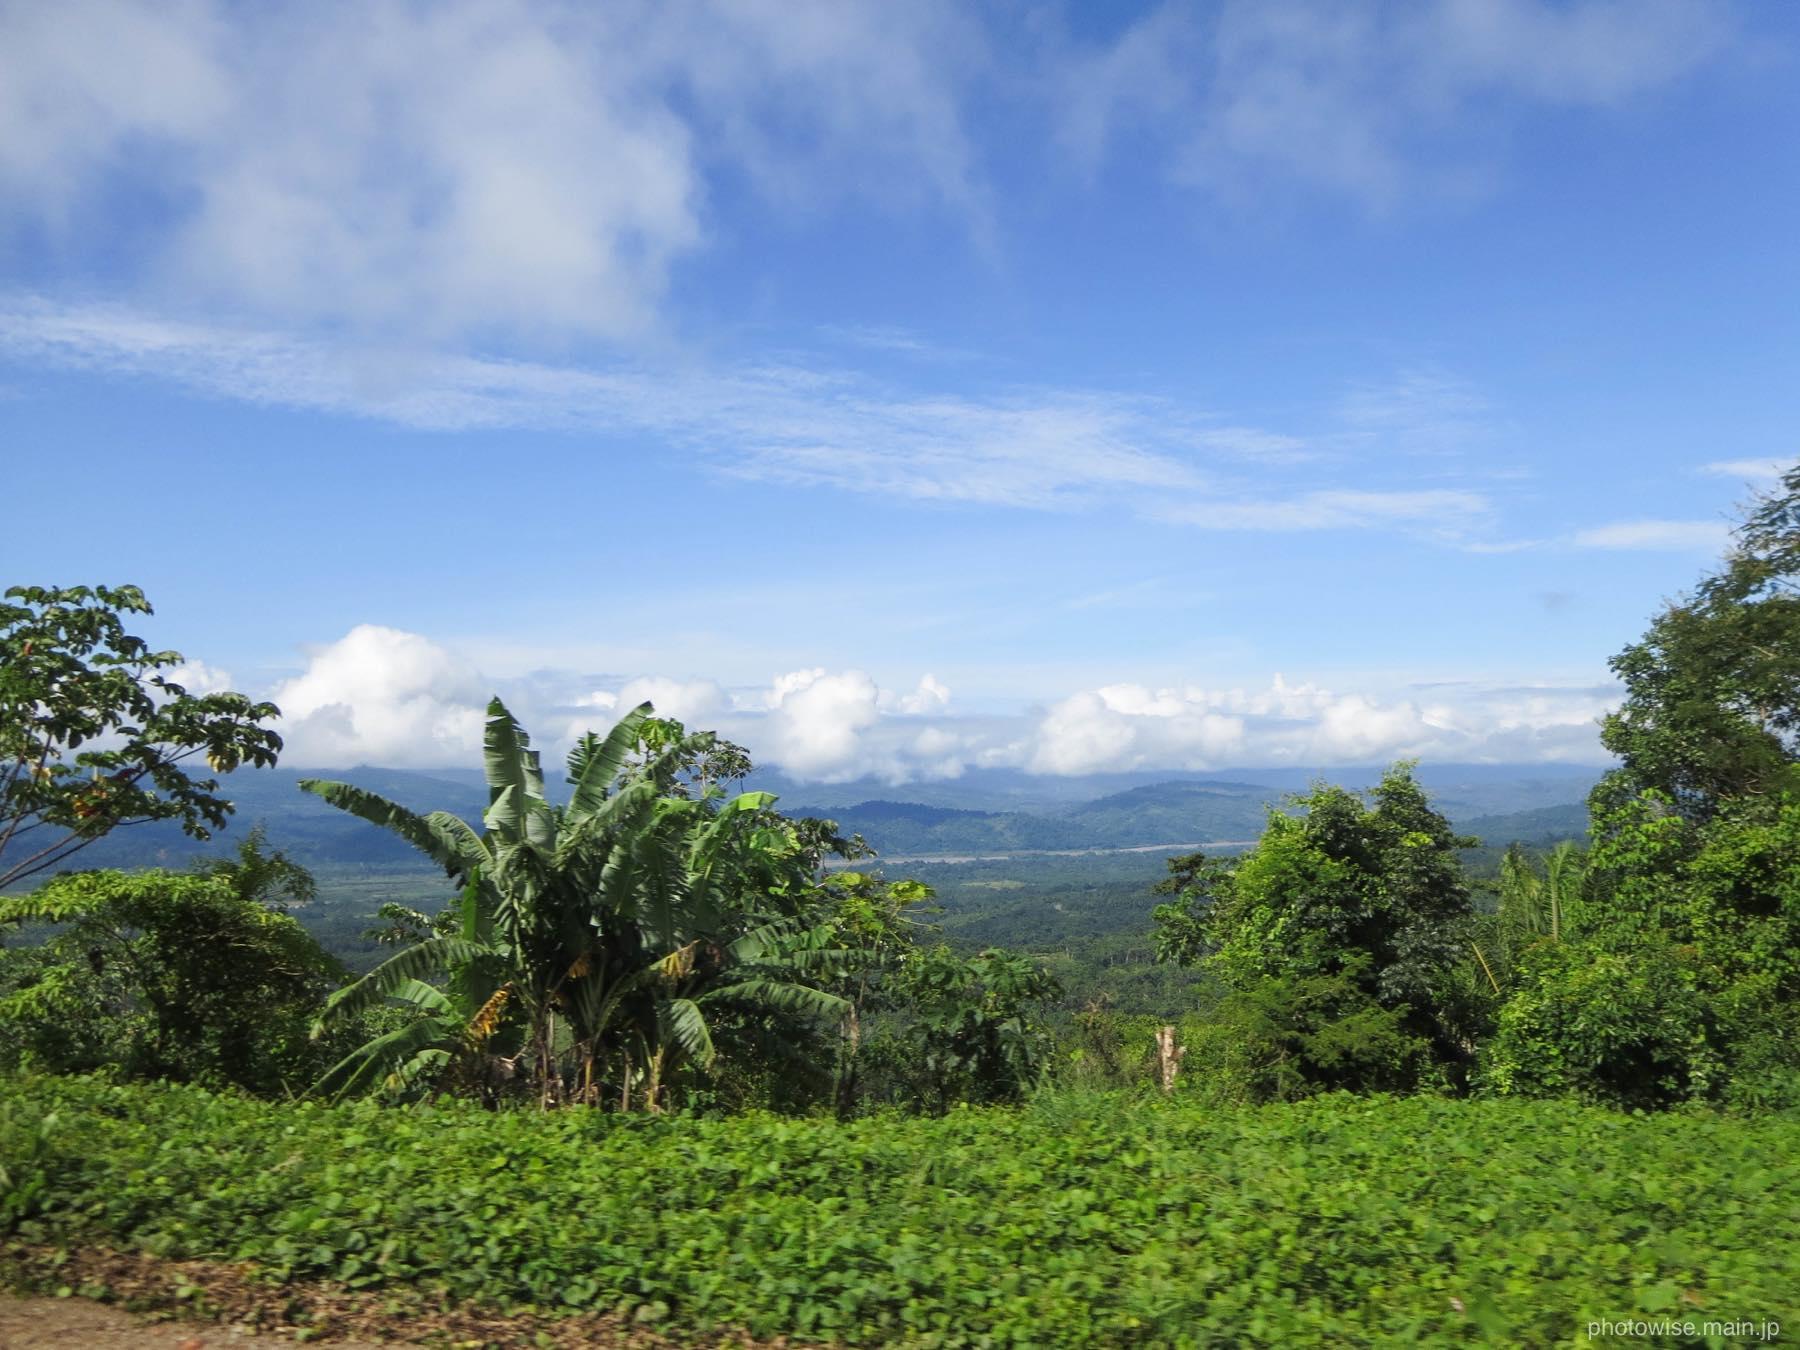 バナナの木などが生い茂る